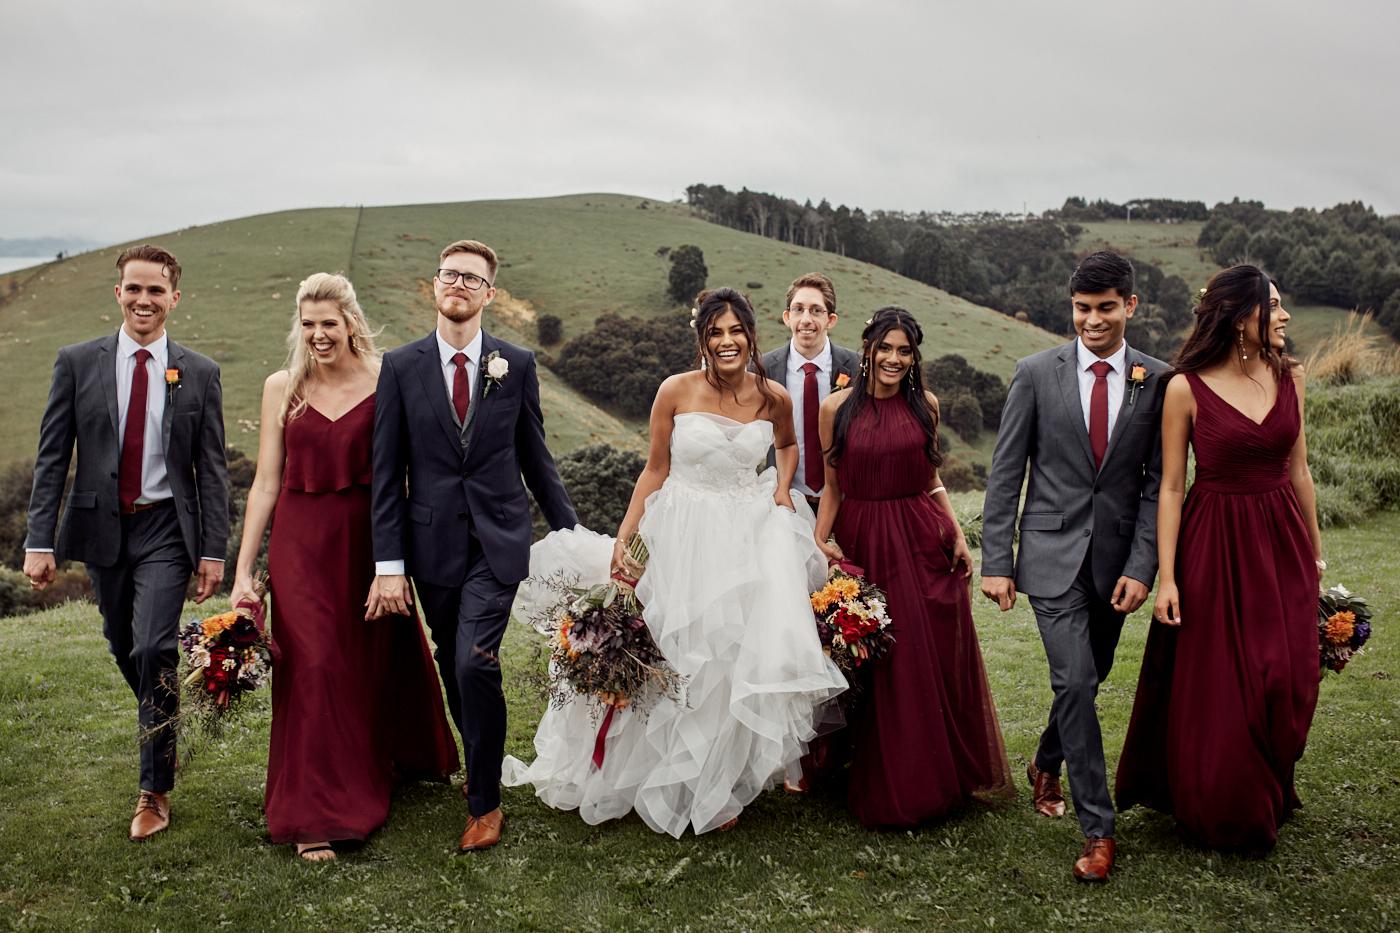 Bridal party walking along